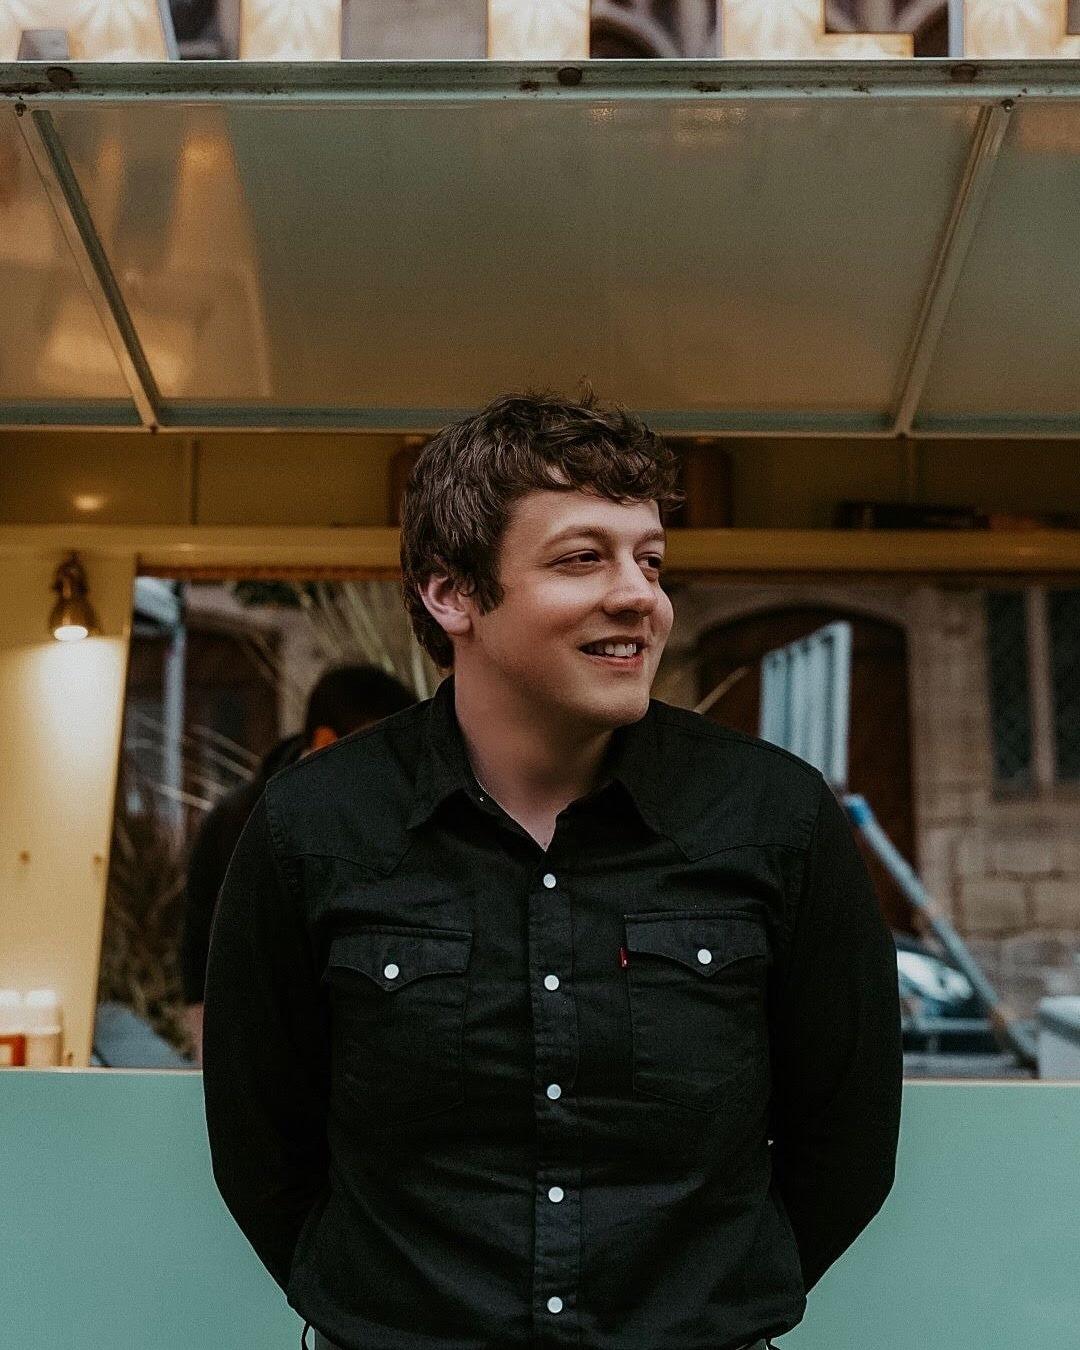 Conrad Ashton feature – includes latest single 'Time'